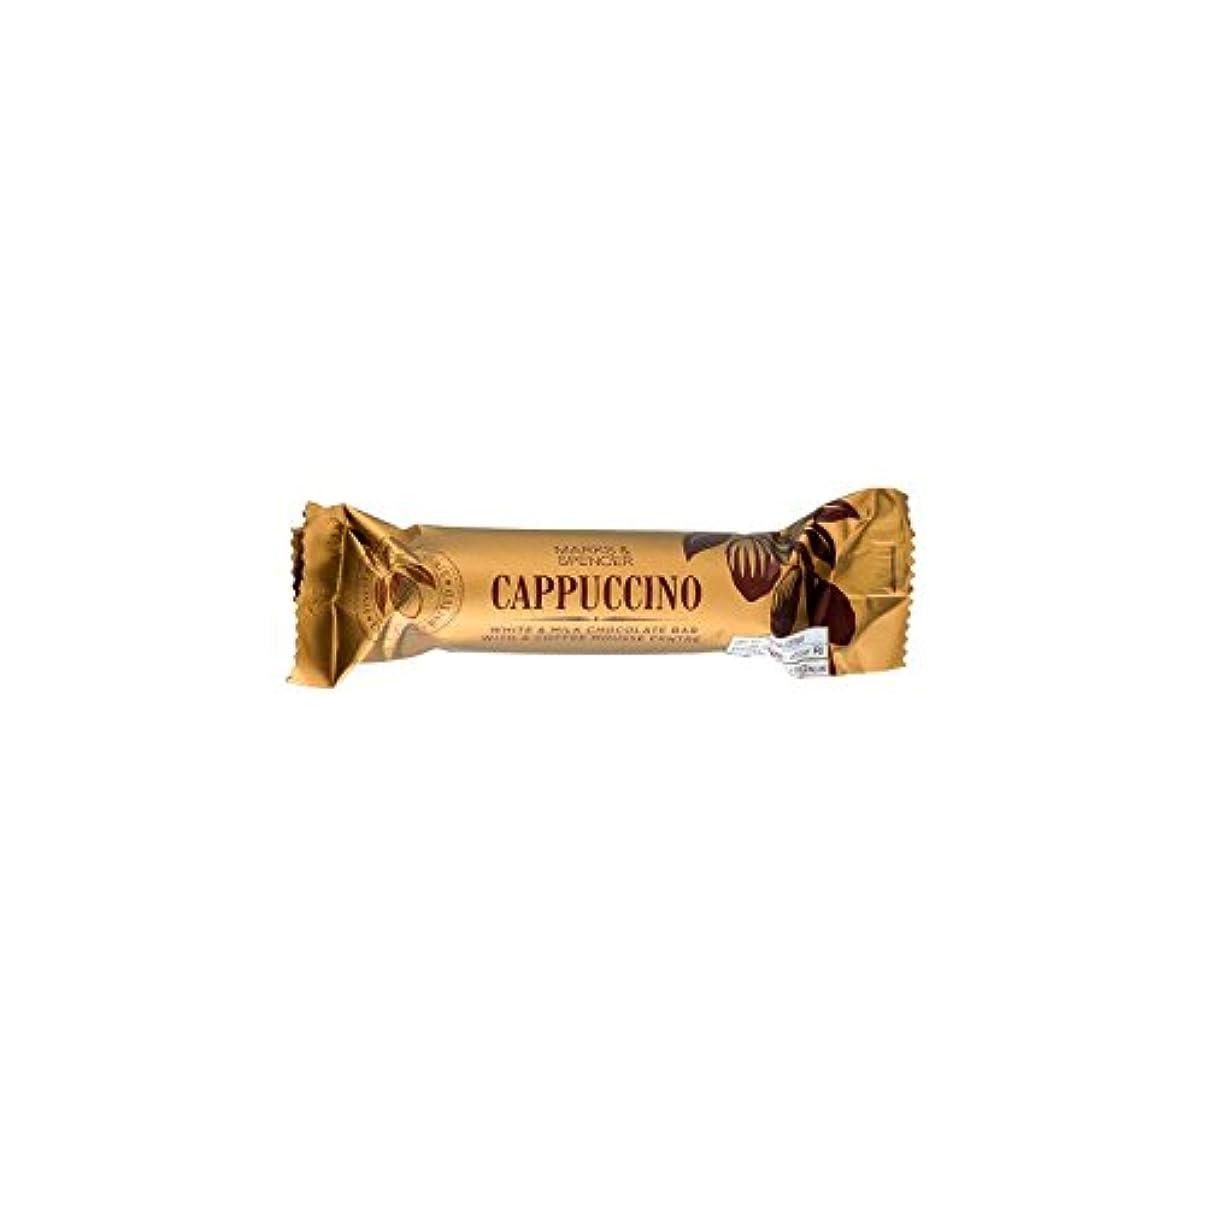 蒸インタネットを見るチャンピオンMarks & Spencer Cappuccino Bar 34g - (Marks & Spencer) カプチーノバー34グラム [並行輸入品]